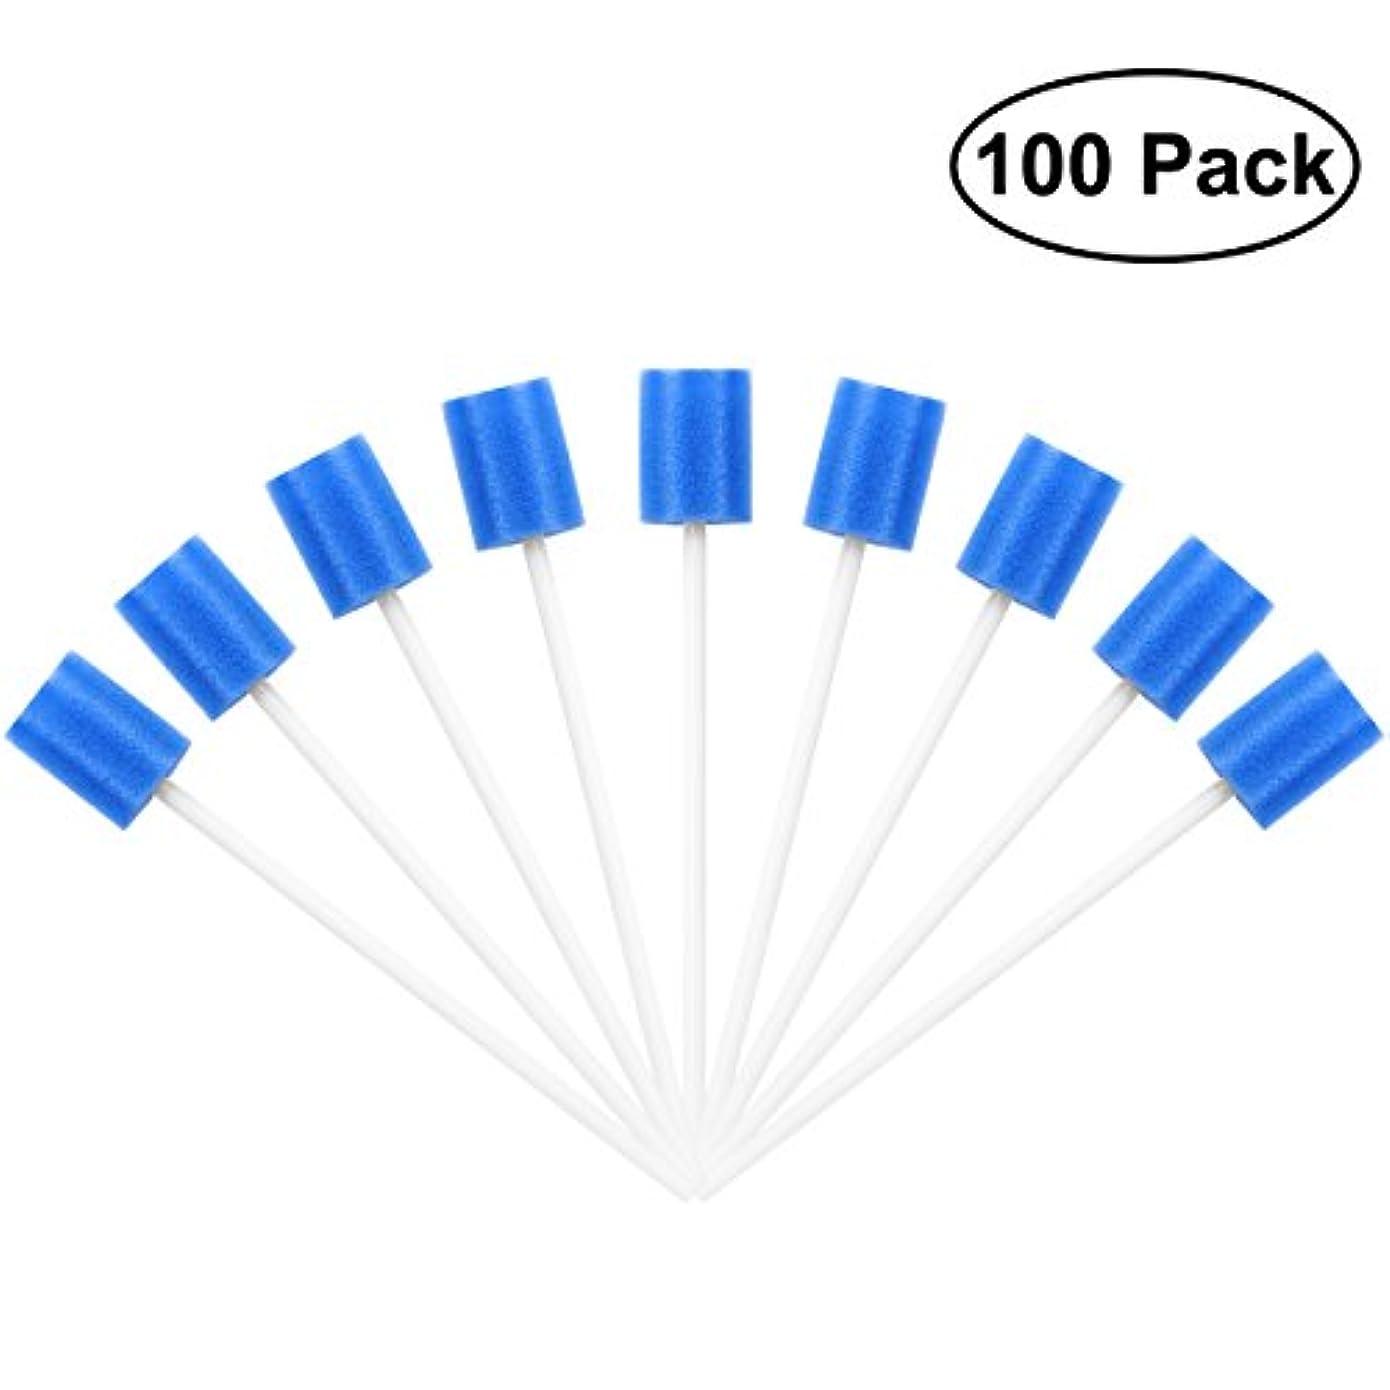 シーケンス絶望細分化するROSENICE Mouth Sponges Dental Swabs 100Pcs Disposable Oral Care Swabs (Blue)